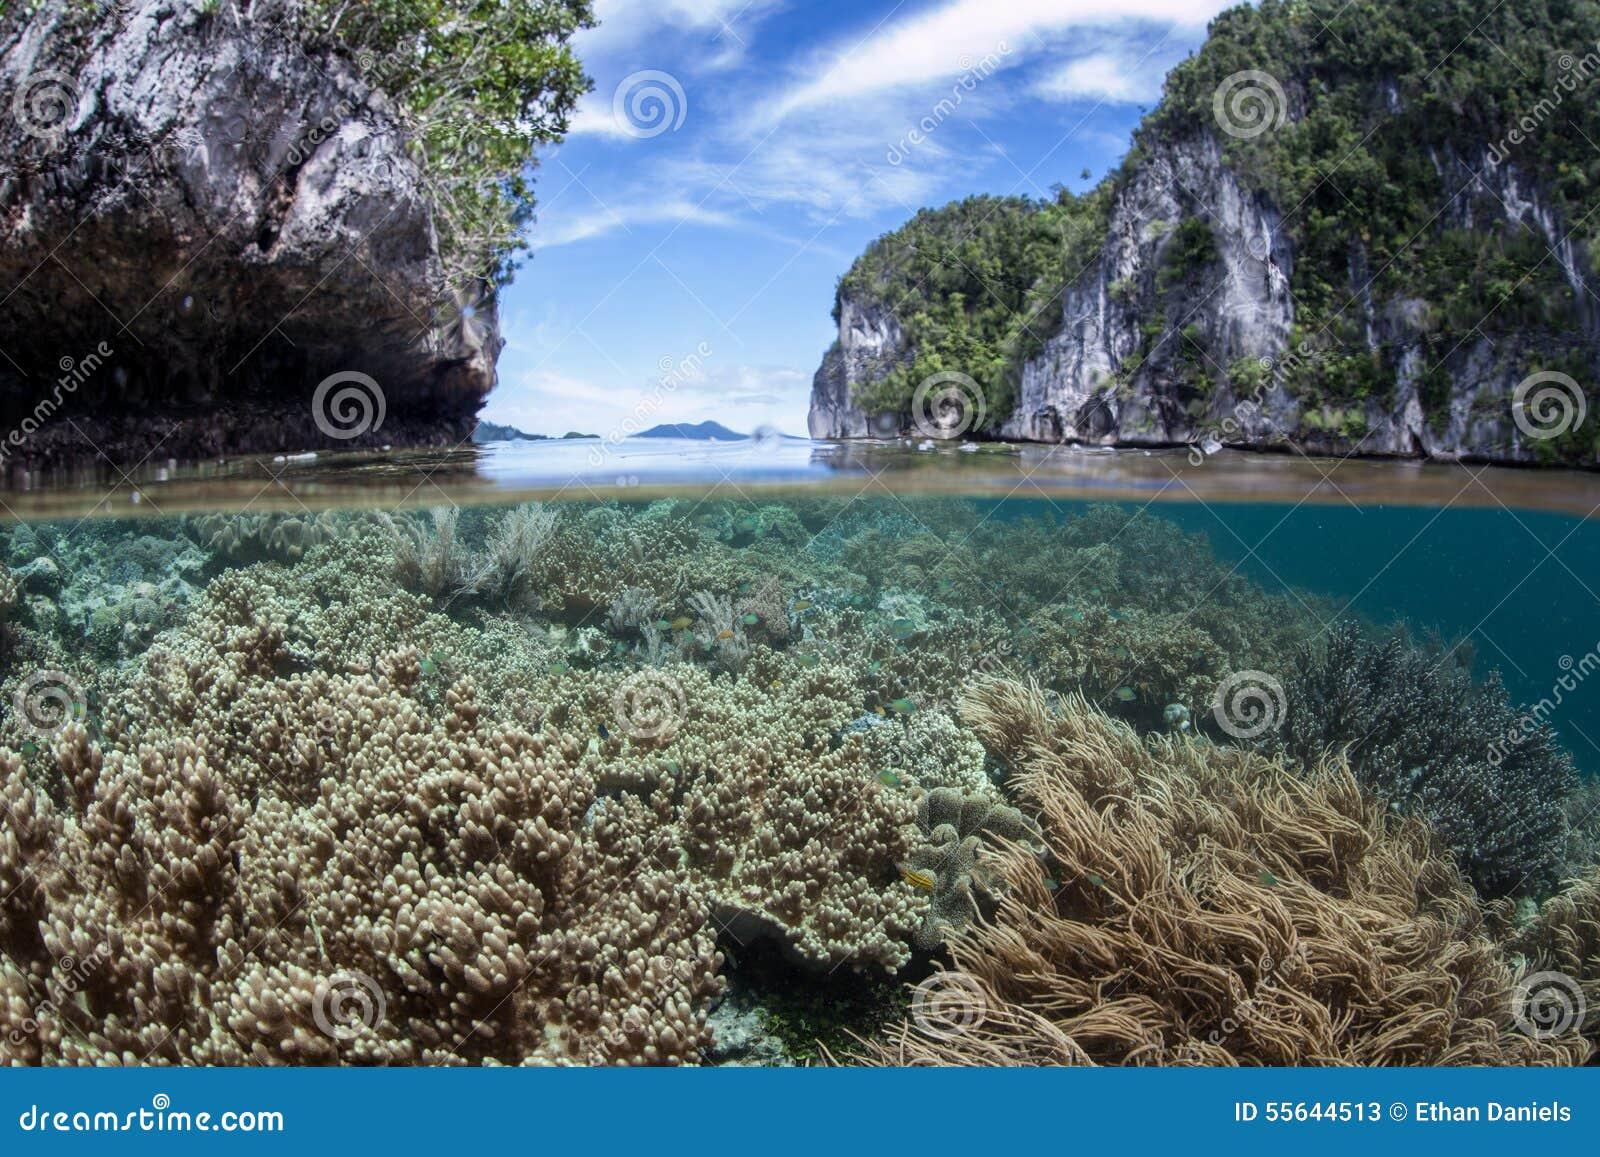 高海洋生物差异知道 它也是佩戴水肺的潜水和潜航的一个普遍的区域.